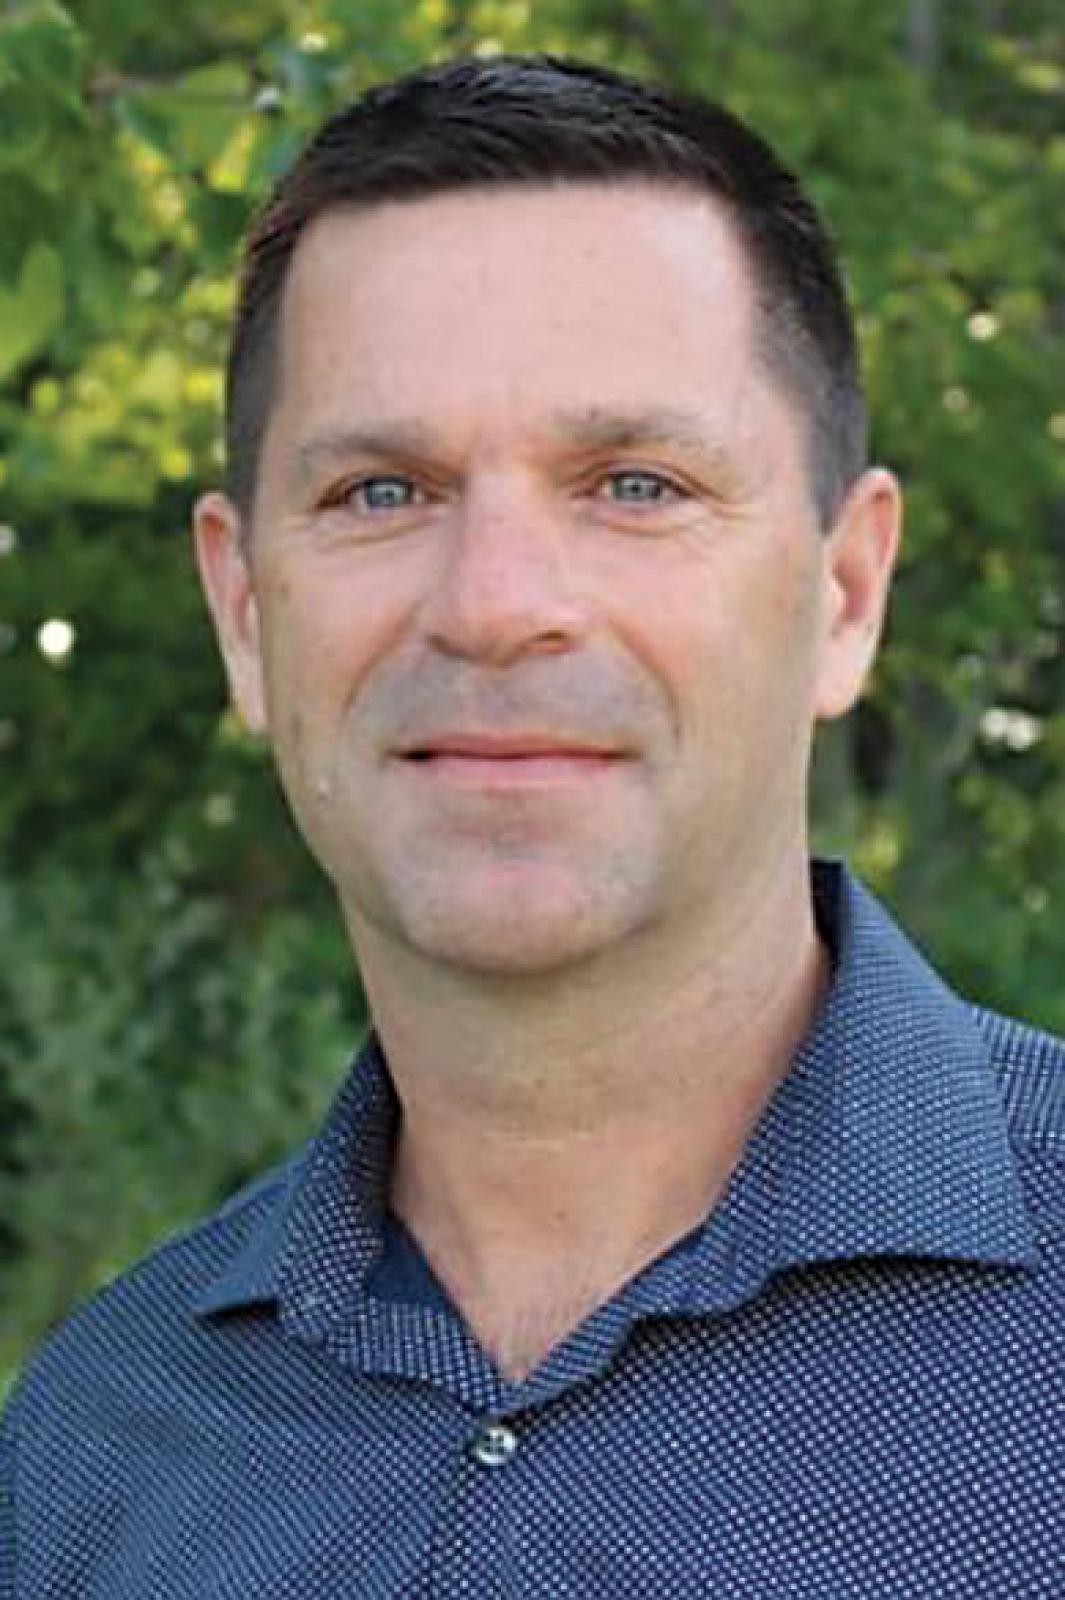 Brian Liederbach